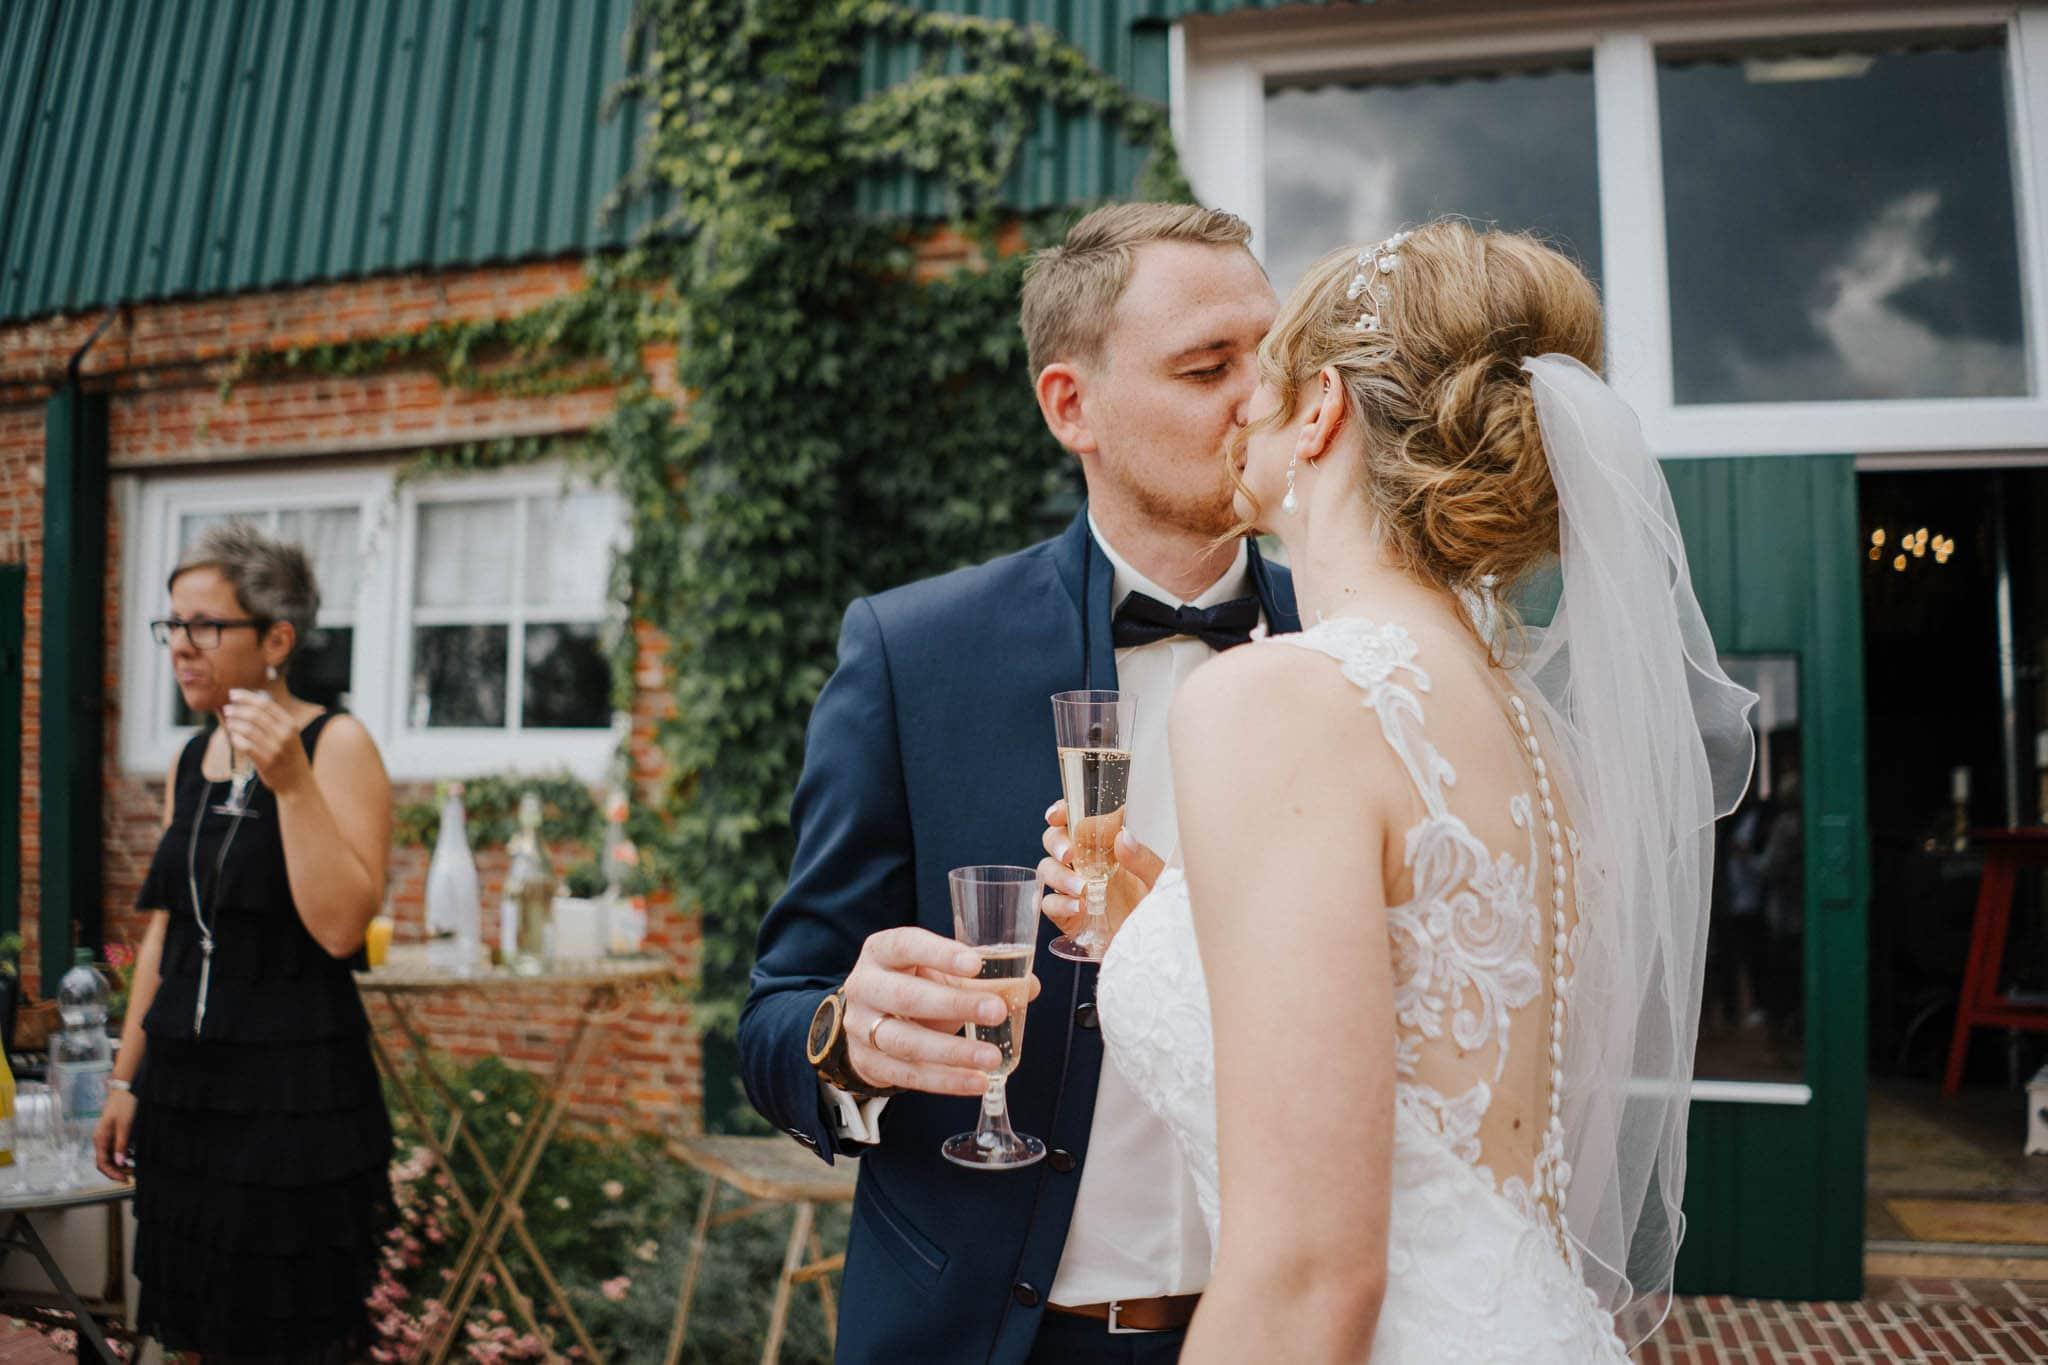 Hochzeitsfieber by Photo-Schomburg, Hoichzeitsfotograf, Hamburg, Wedding, Weddingtime, Hochzeitspaar, Braut, Bräutigam, Hochzeit im Norden,-76